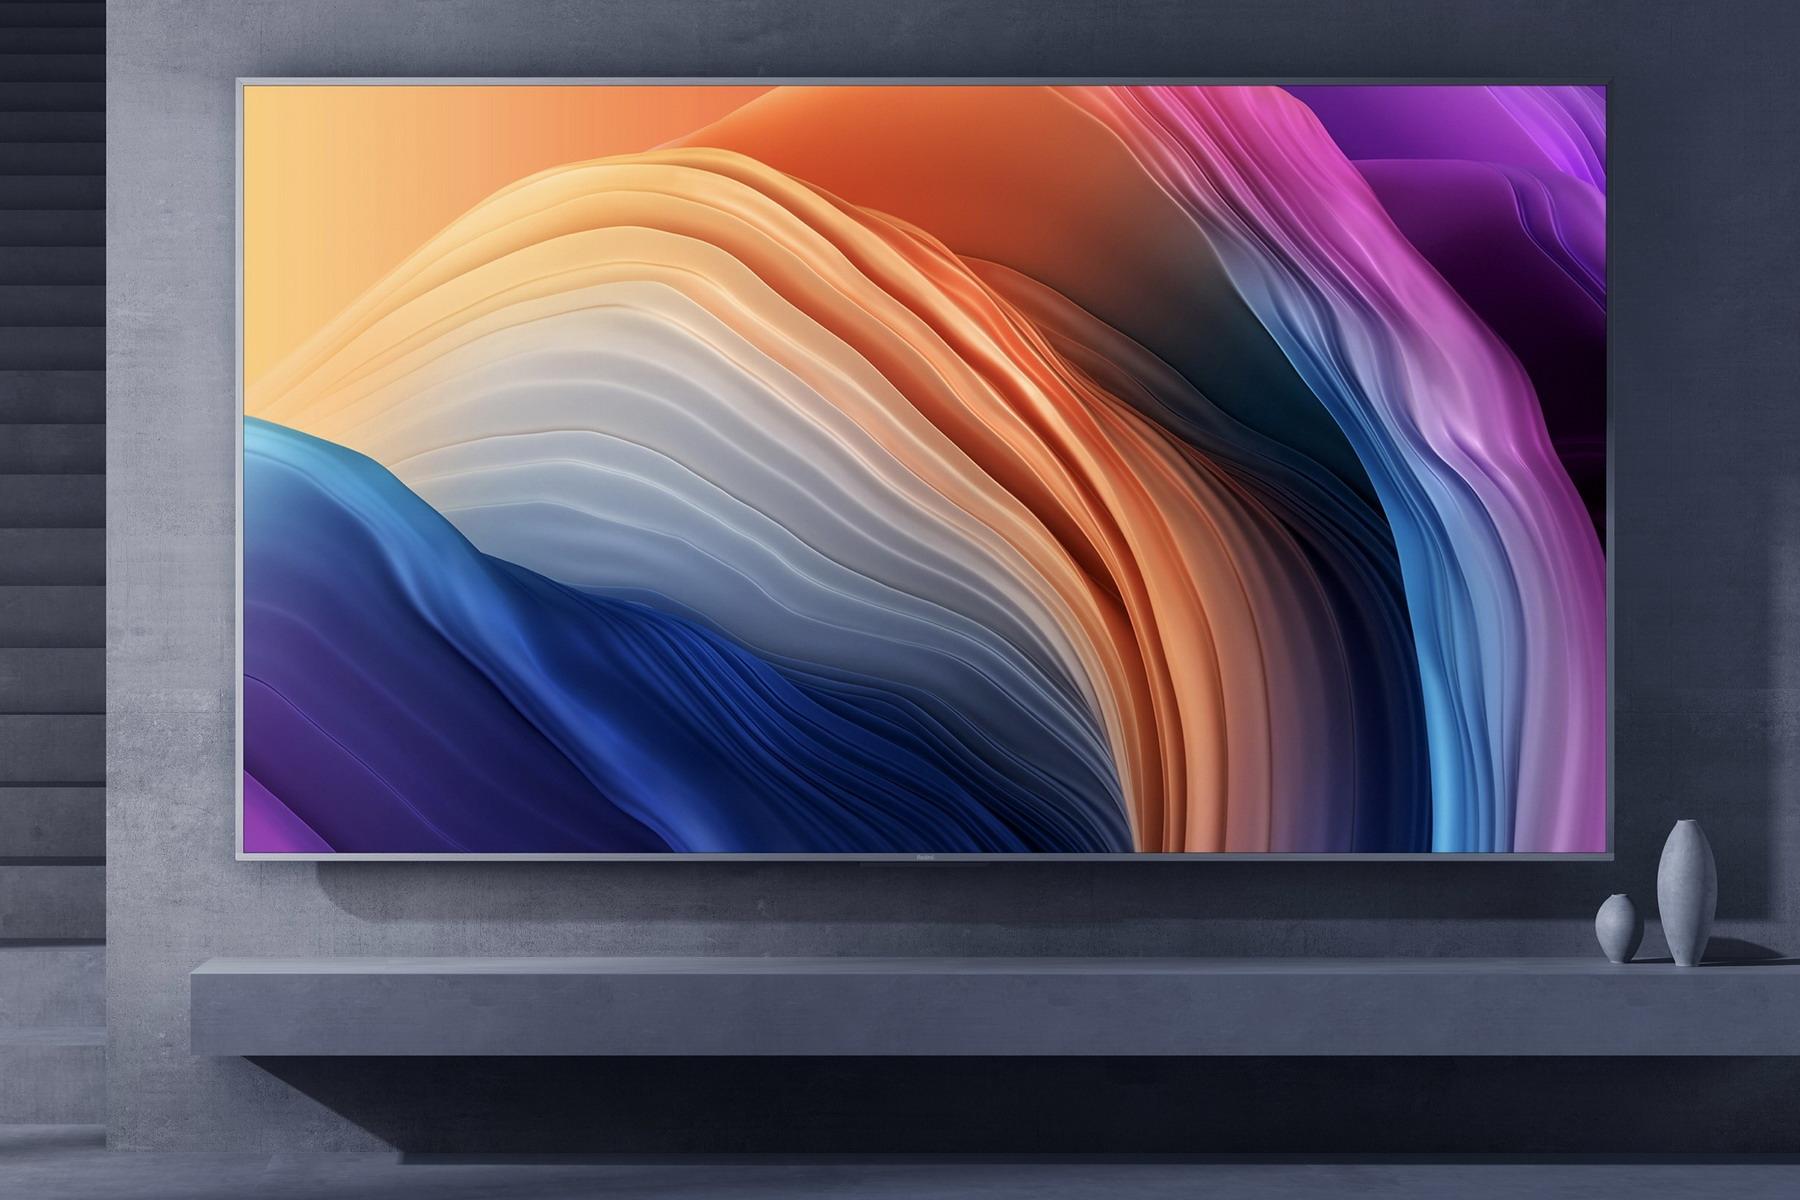 小米电视特惠:全面屏电视888元起 仅限今天